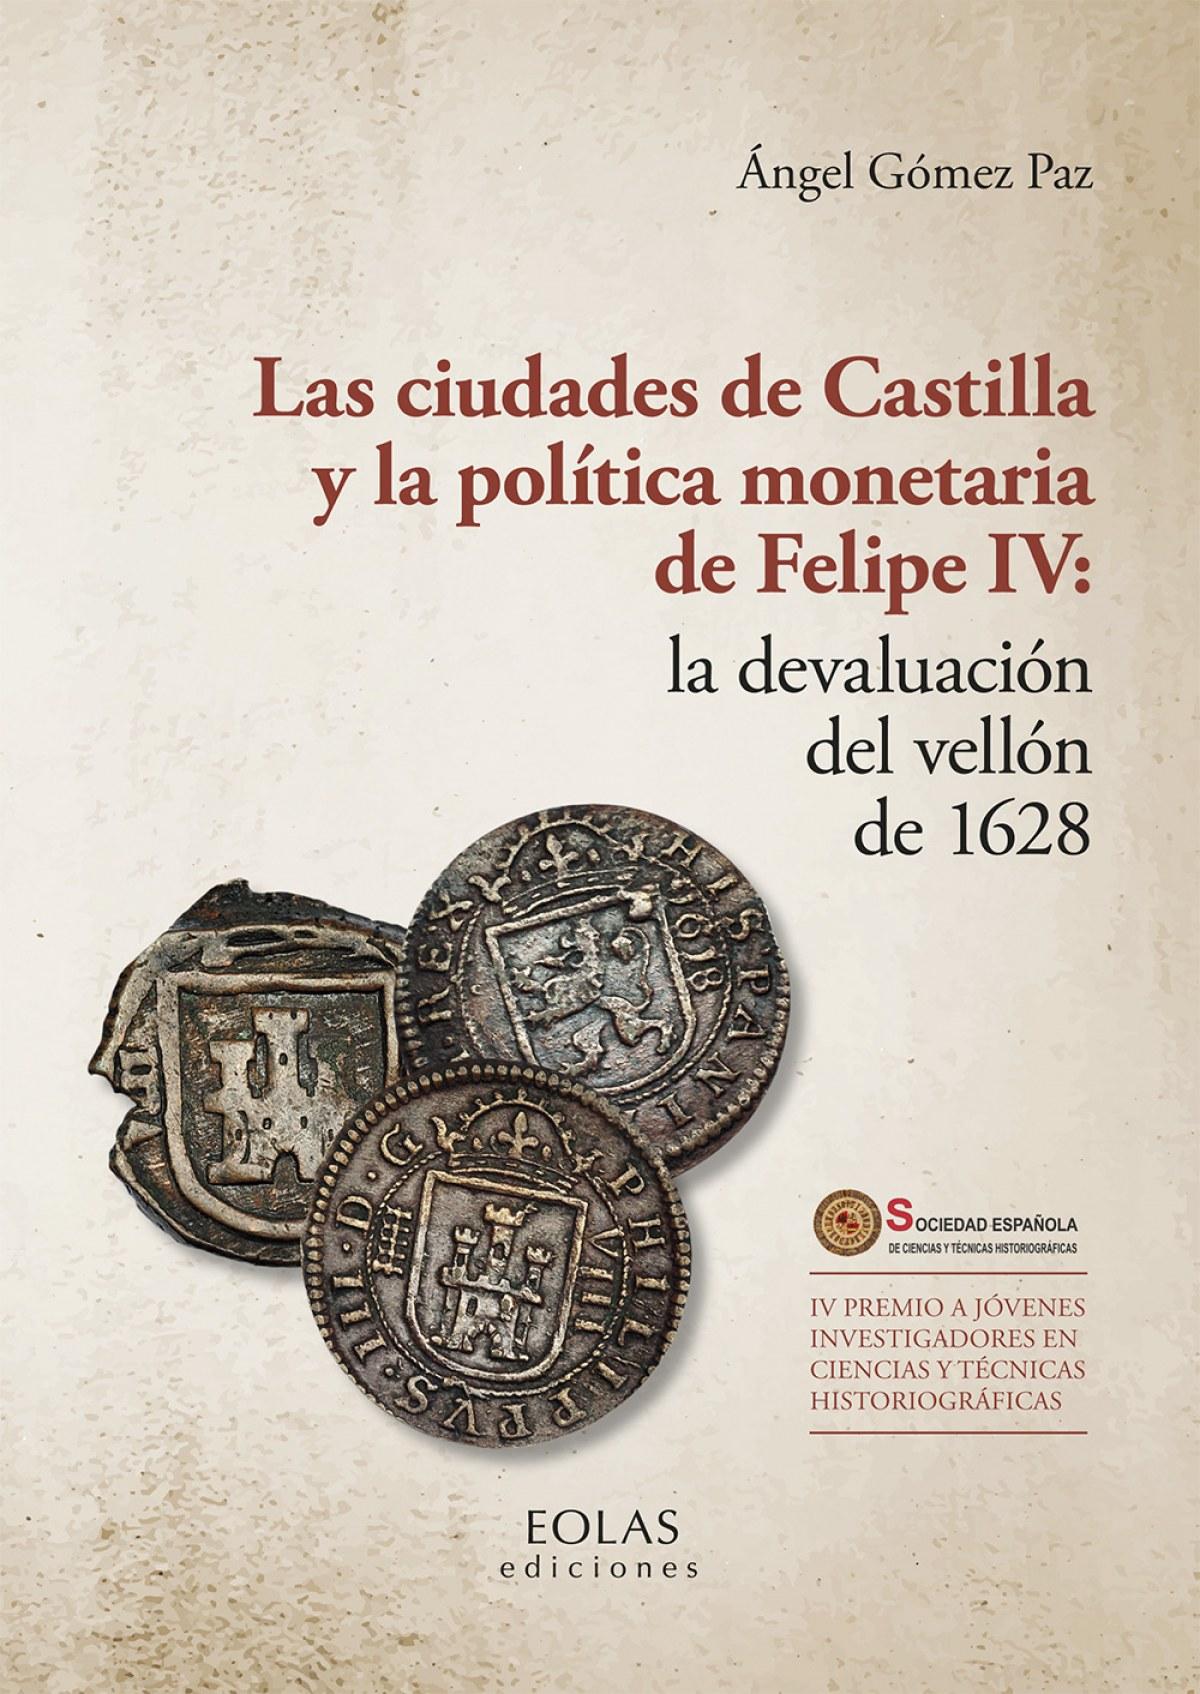 Las ciudades de Castilla y la política monetaria de Felipe IV: la devaluación del vellón de 1628